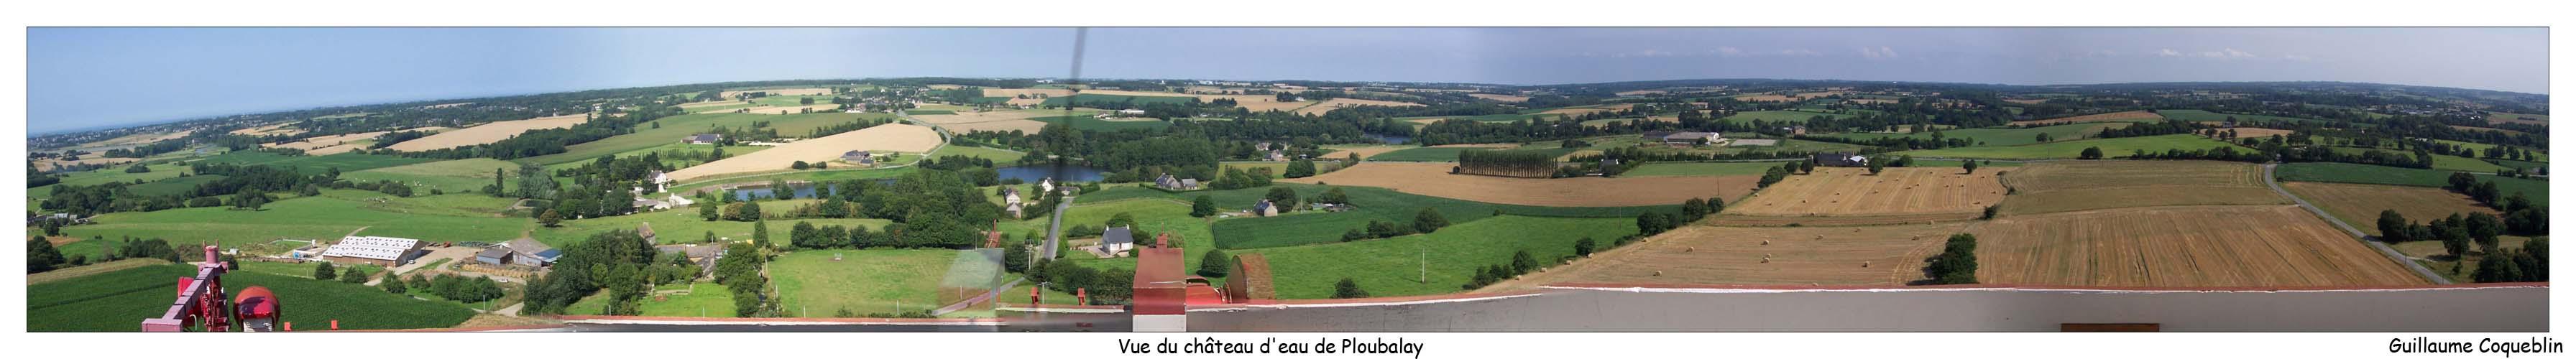 Panoramix Serie I